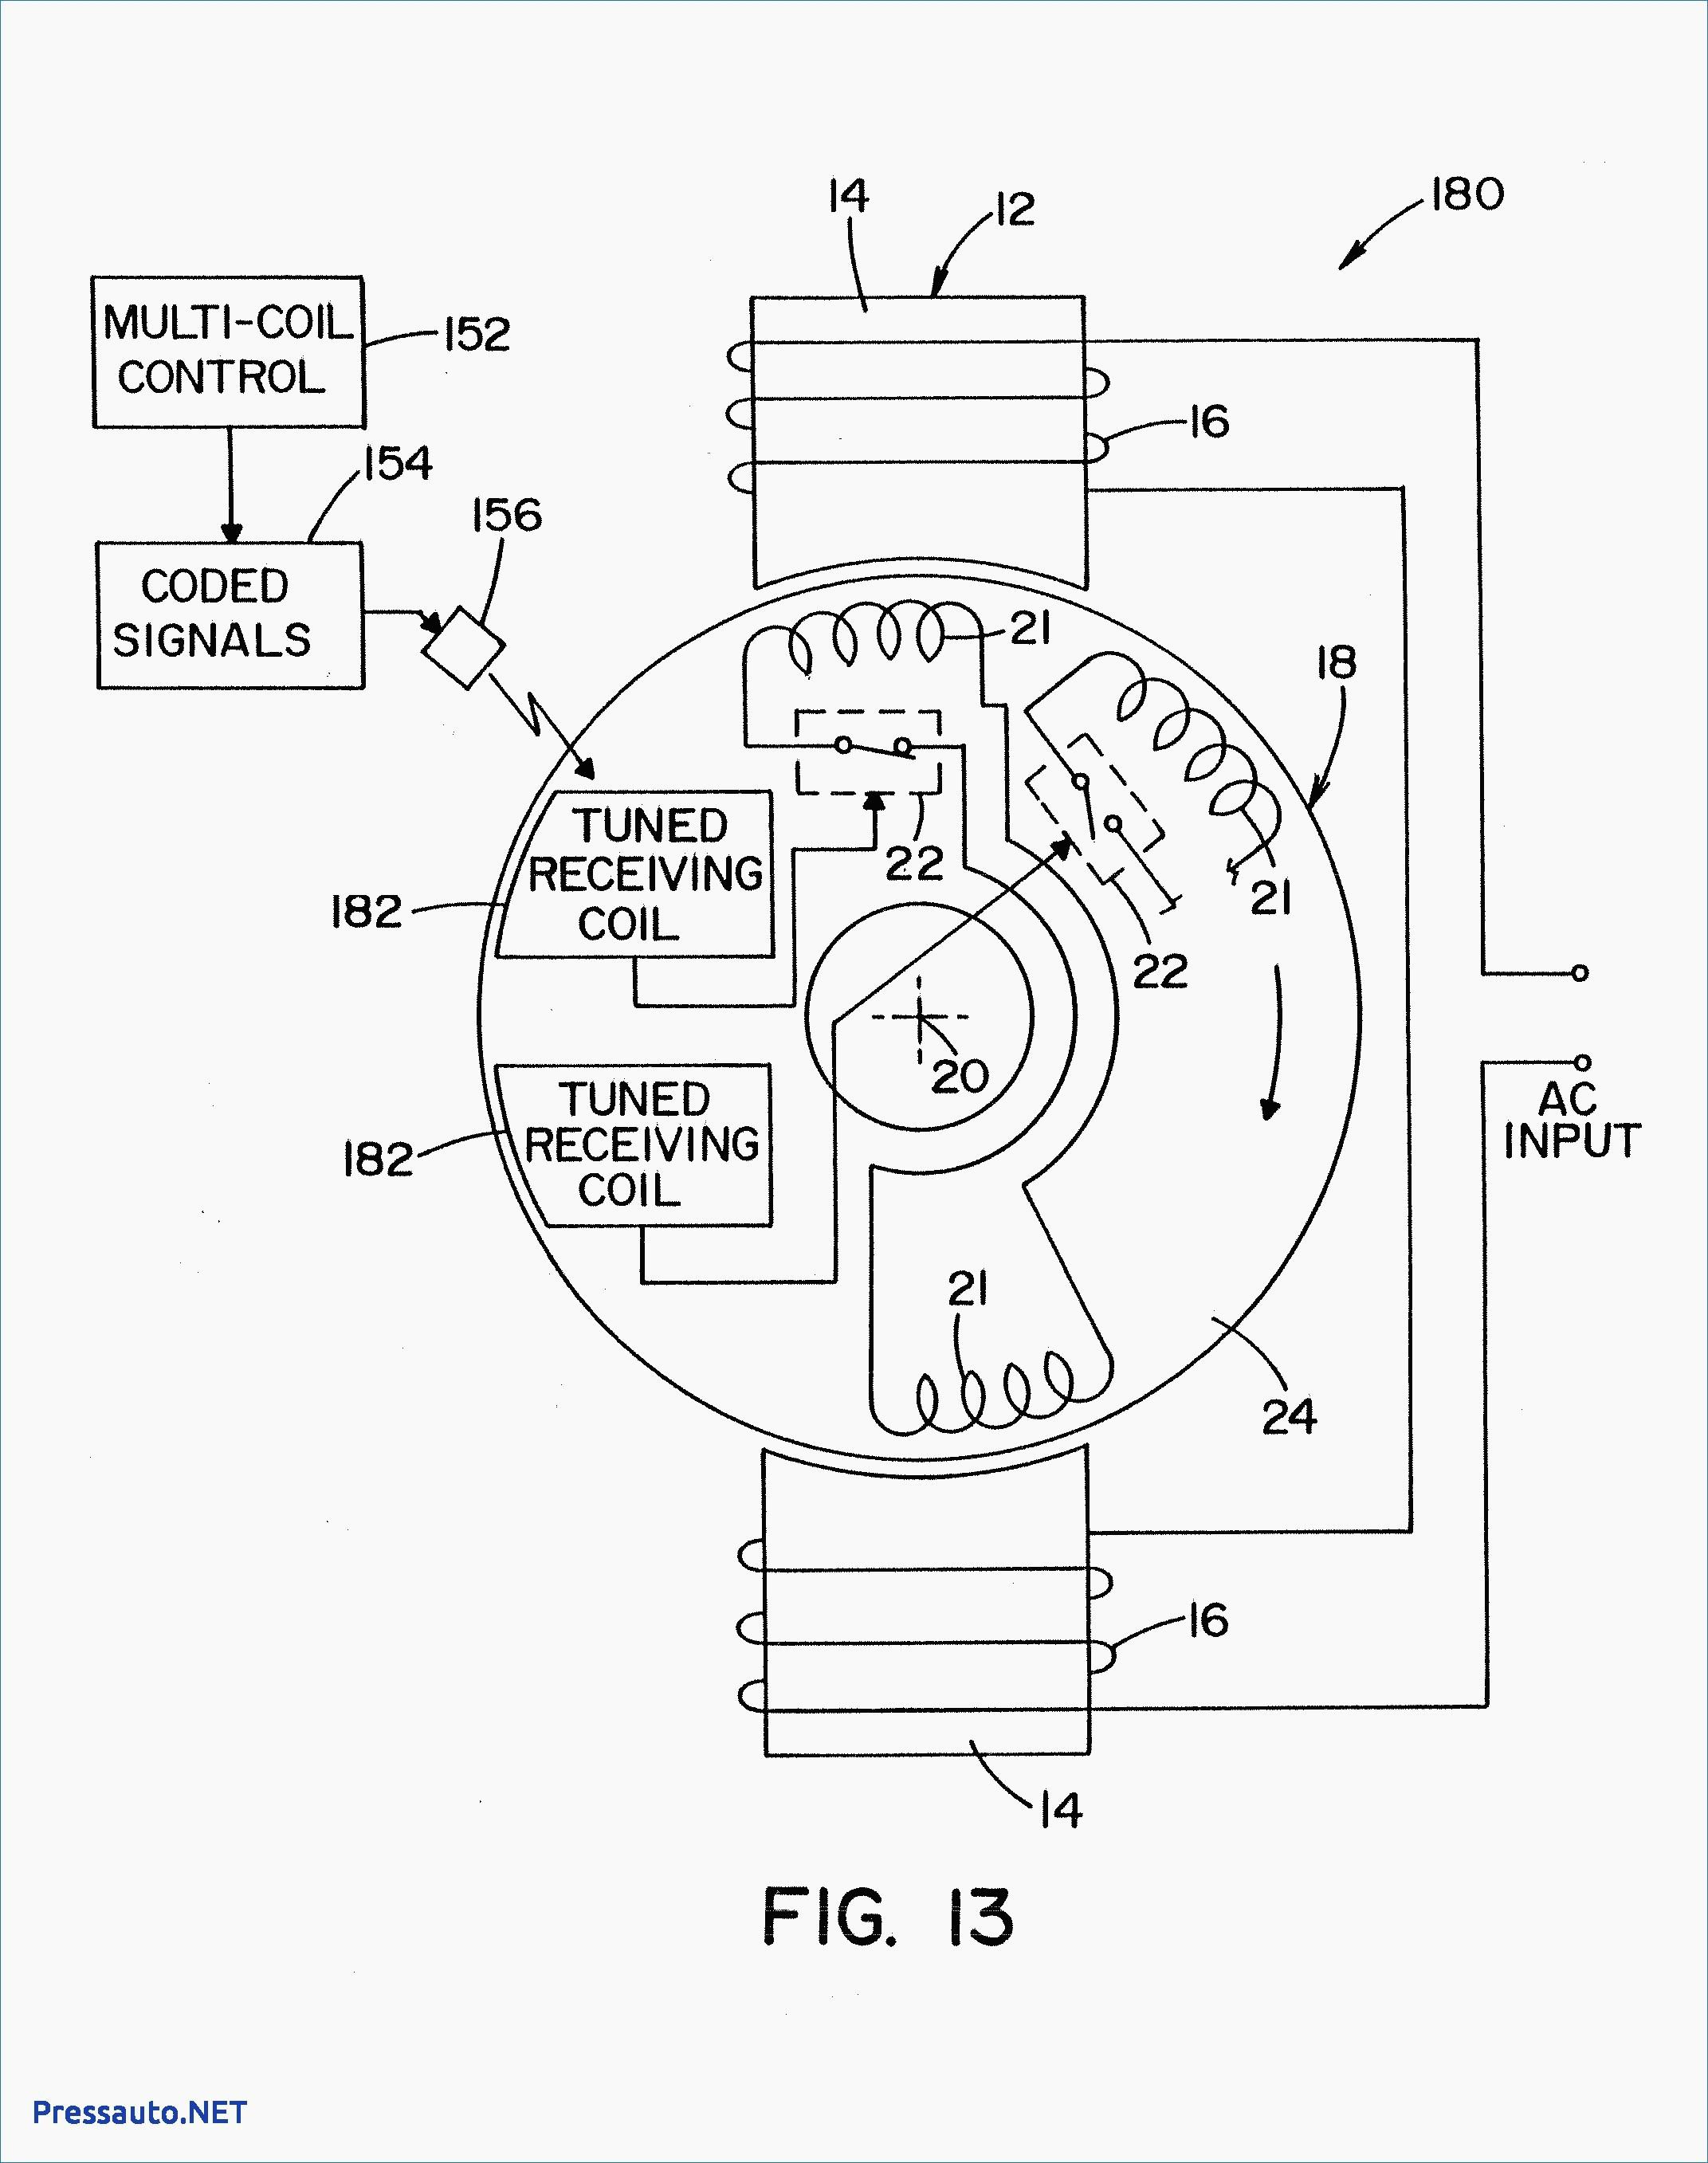 Cooling Fan Motor Wiring Diagram | Wiring Diagram - 3 Wire Condenser Fan Motor Wiring Diagram